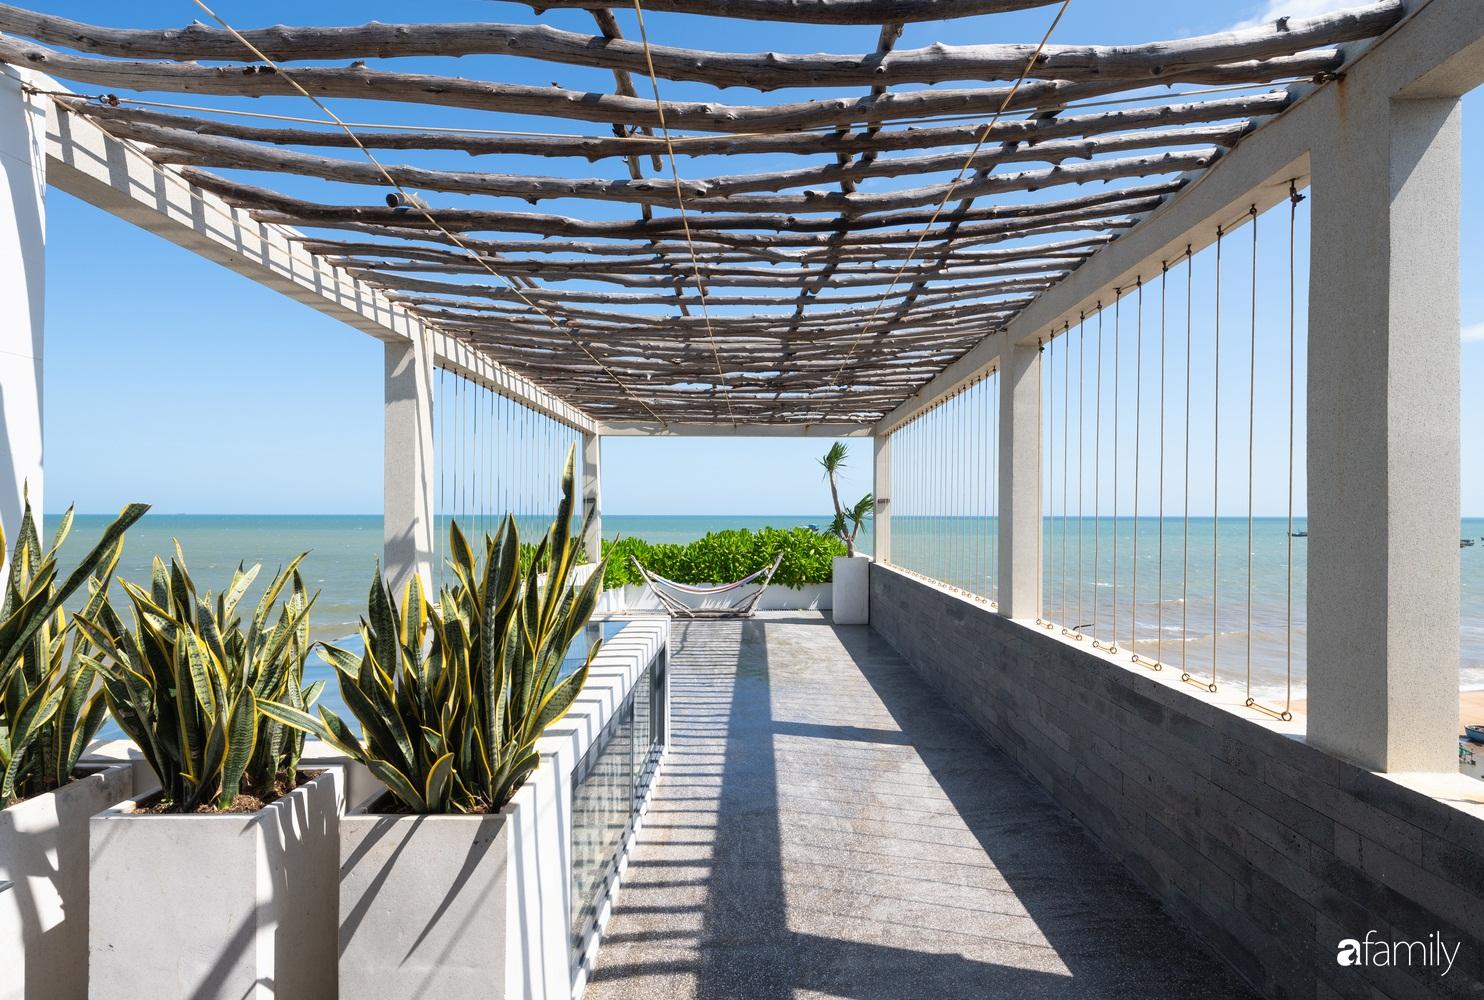 Ngôi nhà 3 tầng view biển Vũng Tàu với thiết kế mang ánh sáng và cây xanh đến từng góc nhỏ - Ảnh 3.